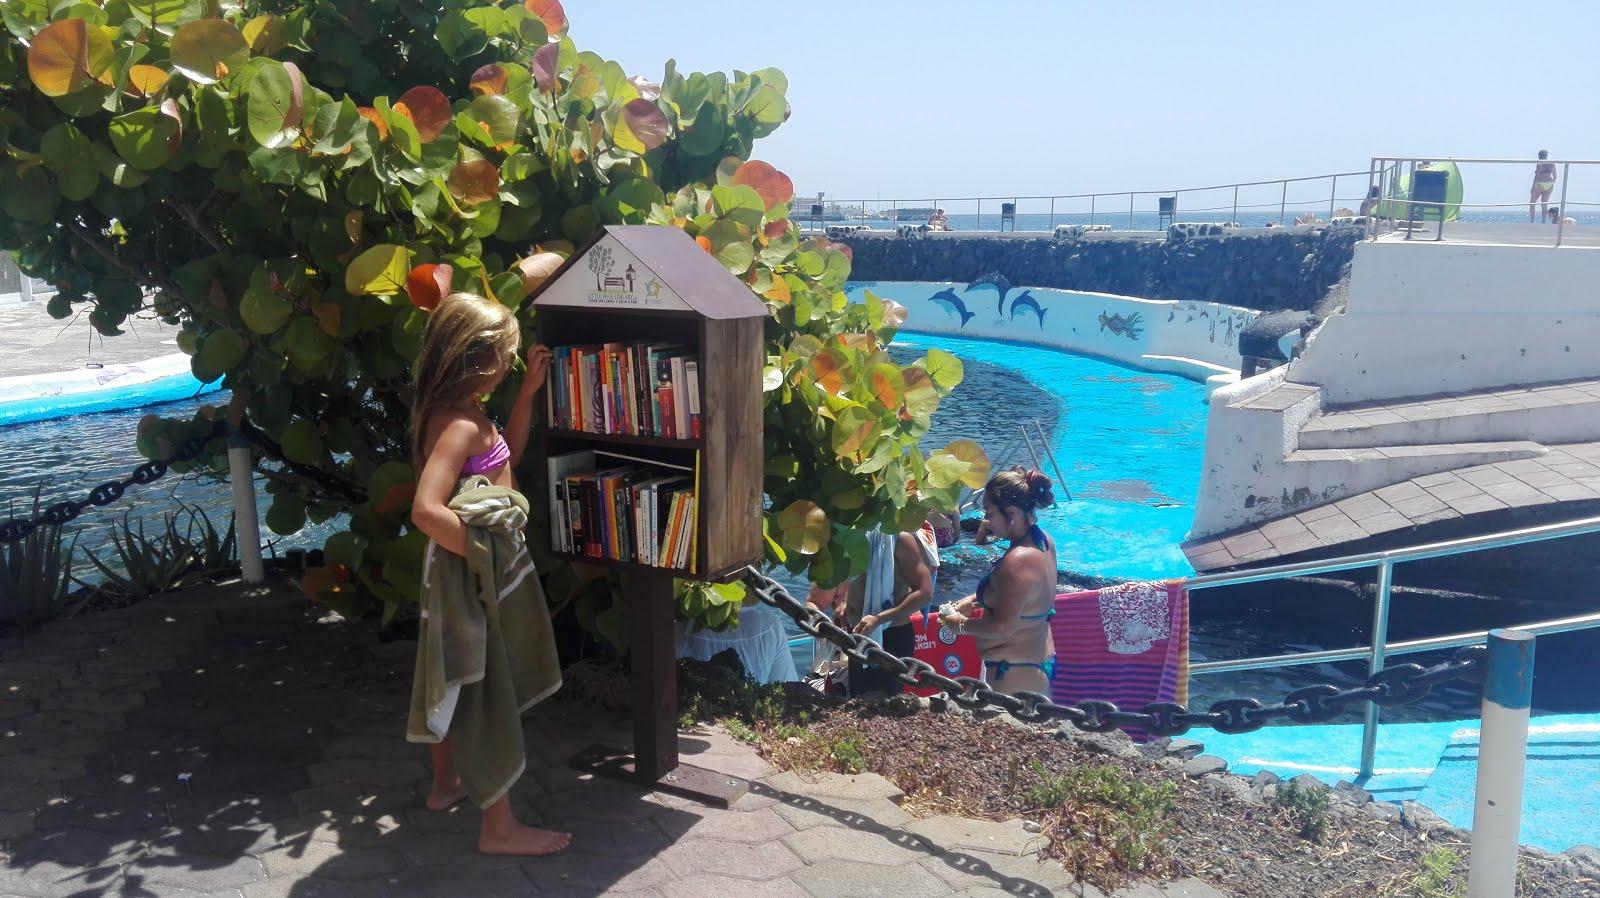 Minibibliotecas en las playas de Tabaiba y Radazul